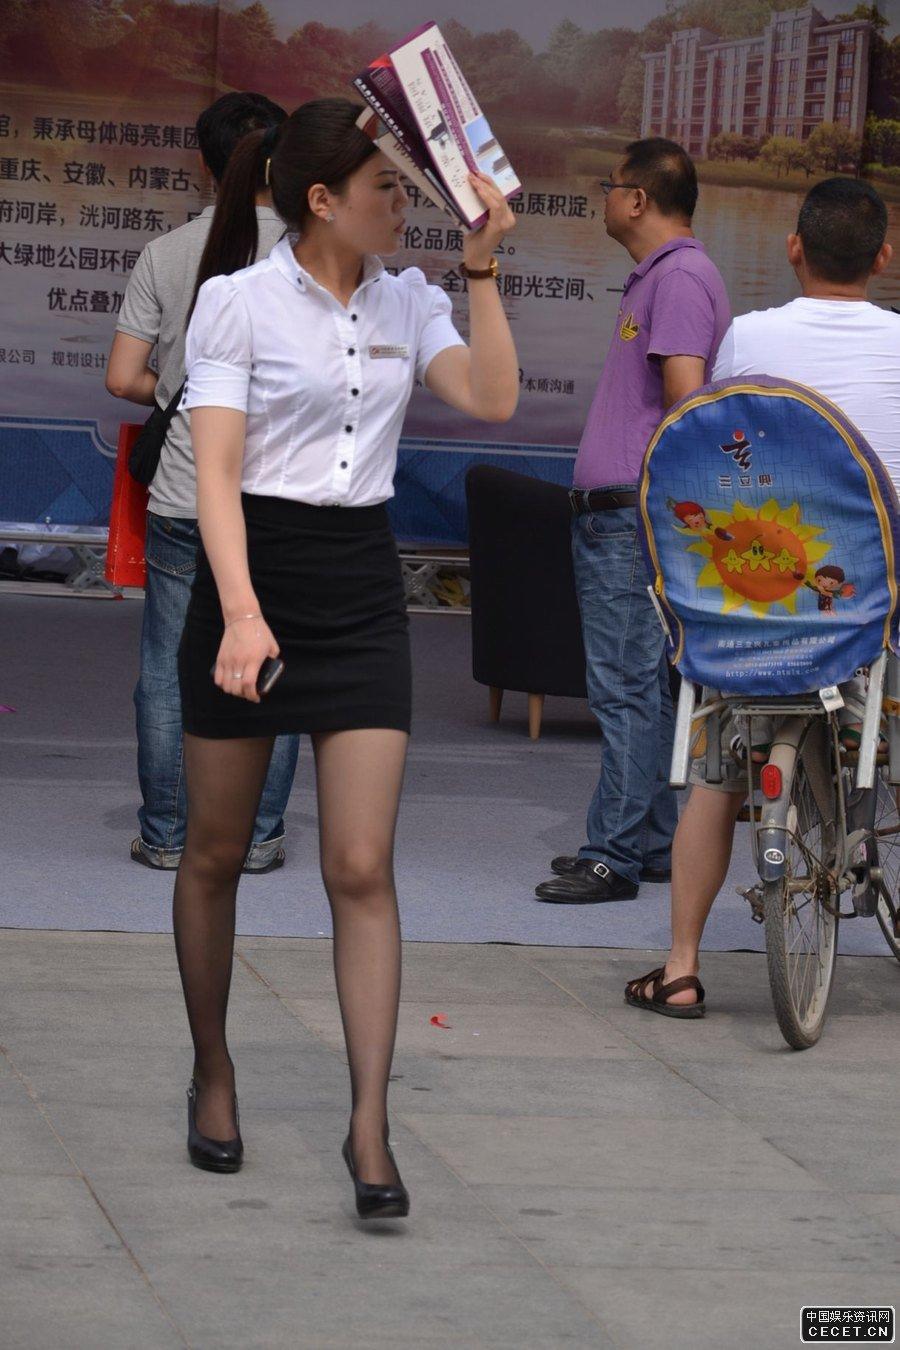 街拍ol职业装美女_街拍的OL职业装售楼小姐黑丝高跟 - 中国娱乐资讯网CECET.CN